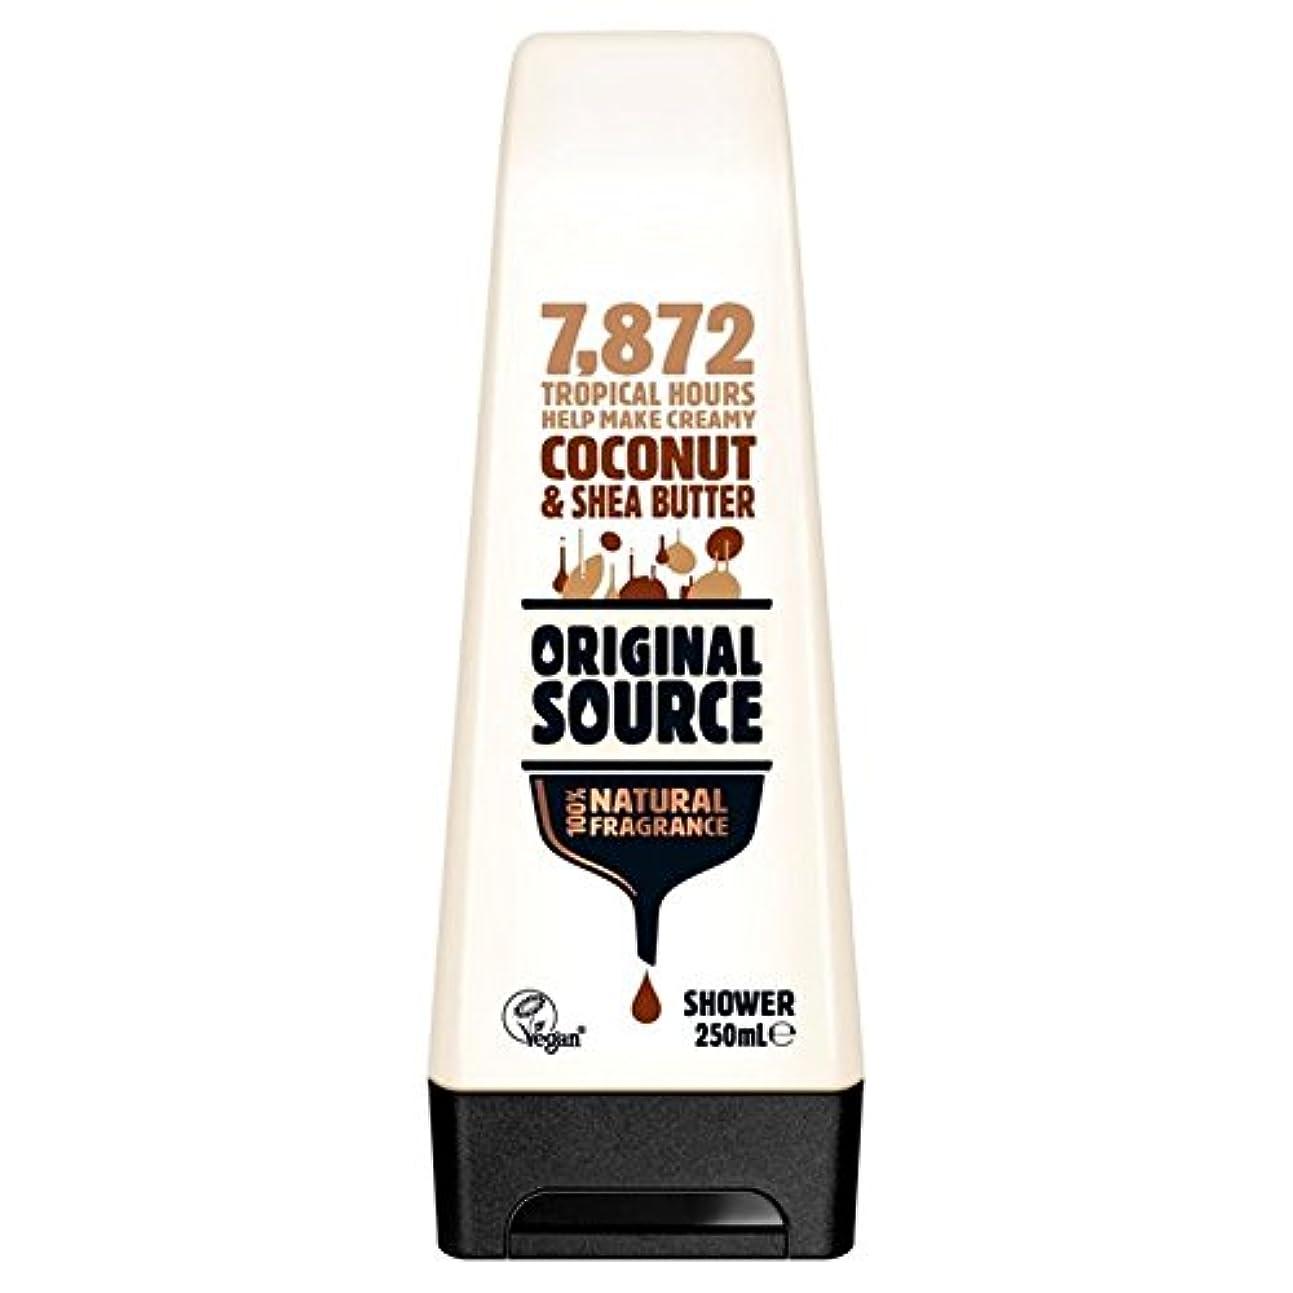 プロトタイプ宿アフリカ人Original Source Moisturising Coconut & Shea Butter Shower Gel 250ml (Pack of 6) - 元のソース保湿ココナッツ&シアバターシャワージェル250ミリリットル x6 [並行輸入品]